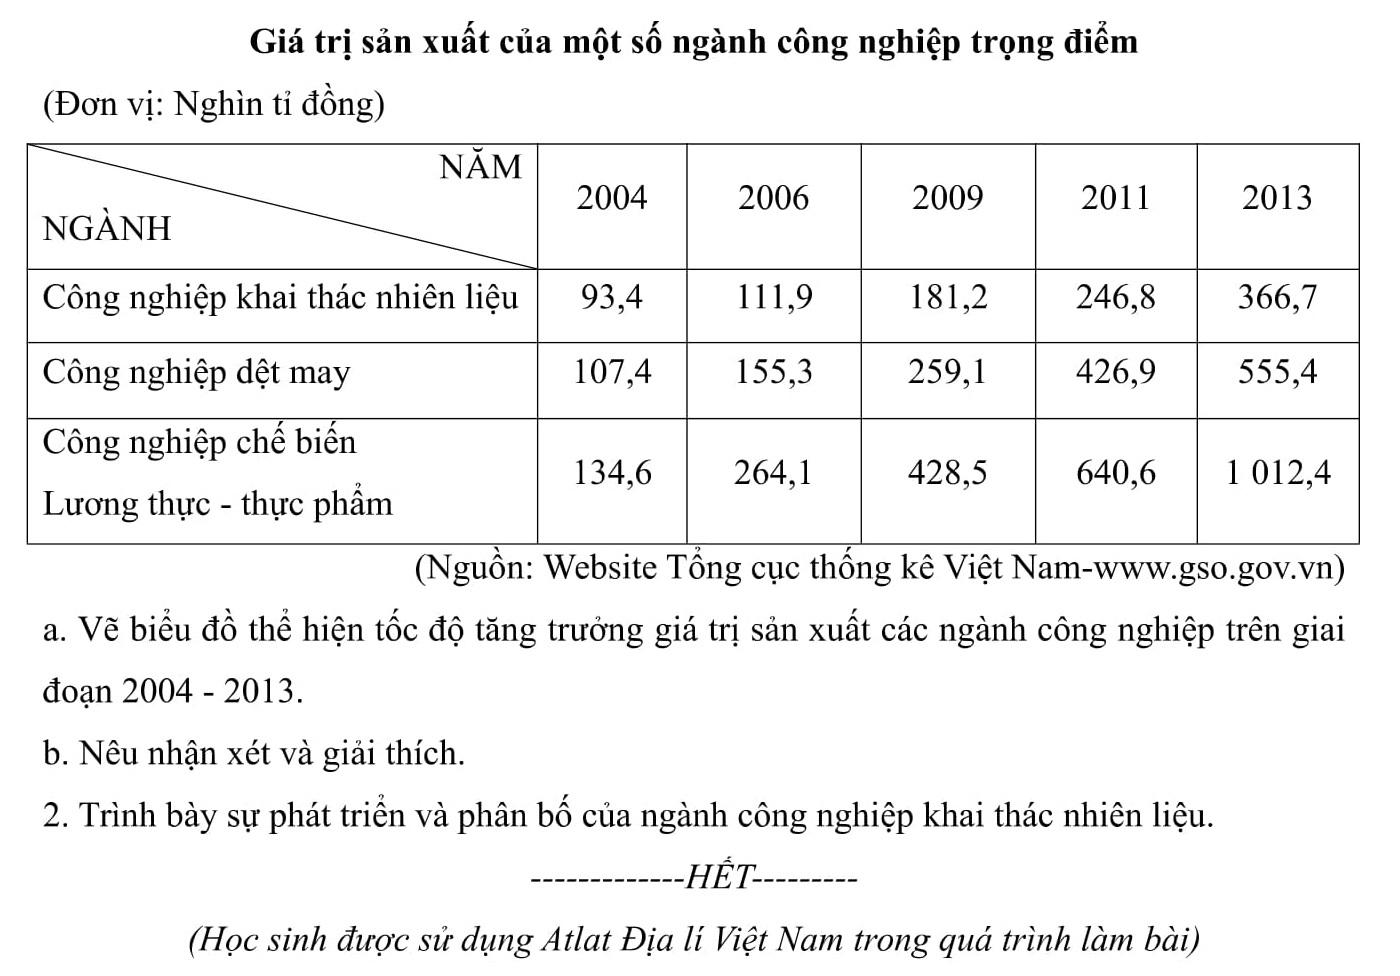 Đáp án và đề thi HSG Địa Lí 9 sở GD&ĐT Nghệ An 2015-2016 Bảng B